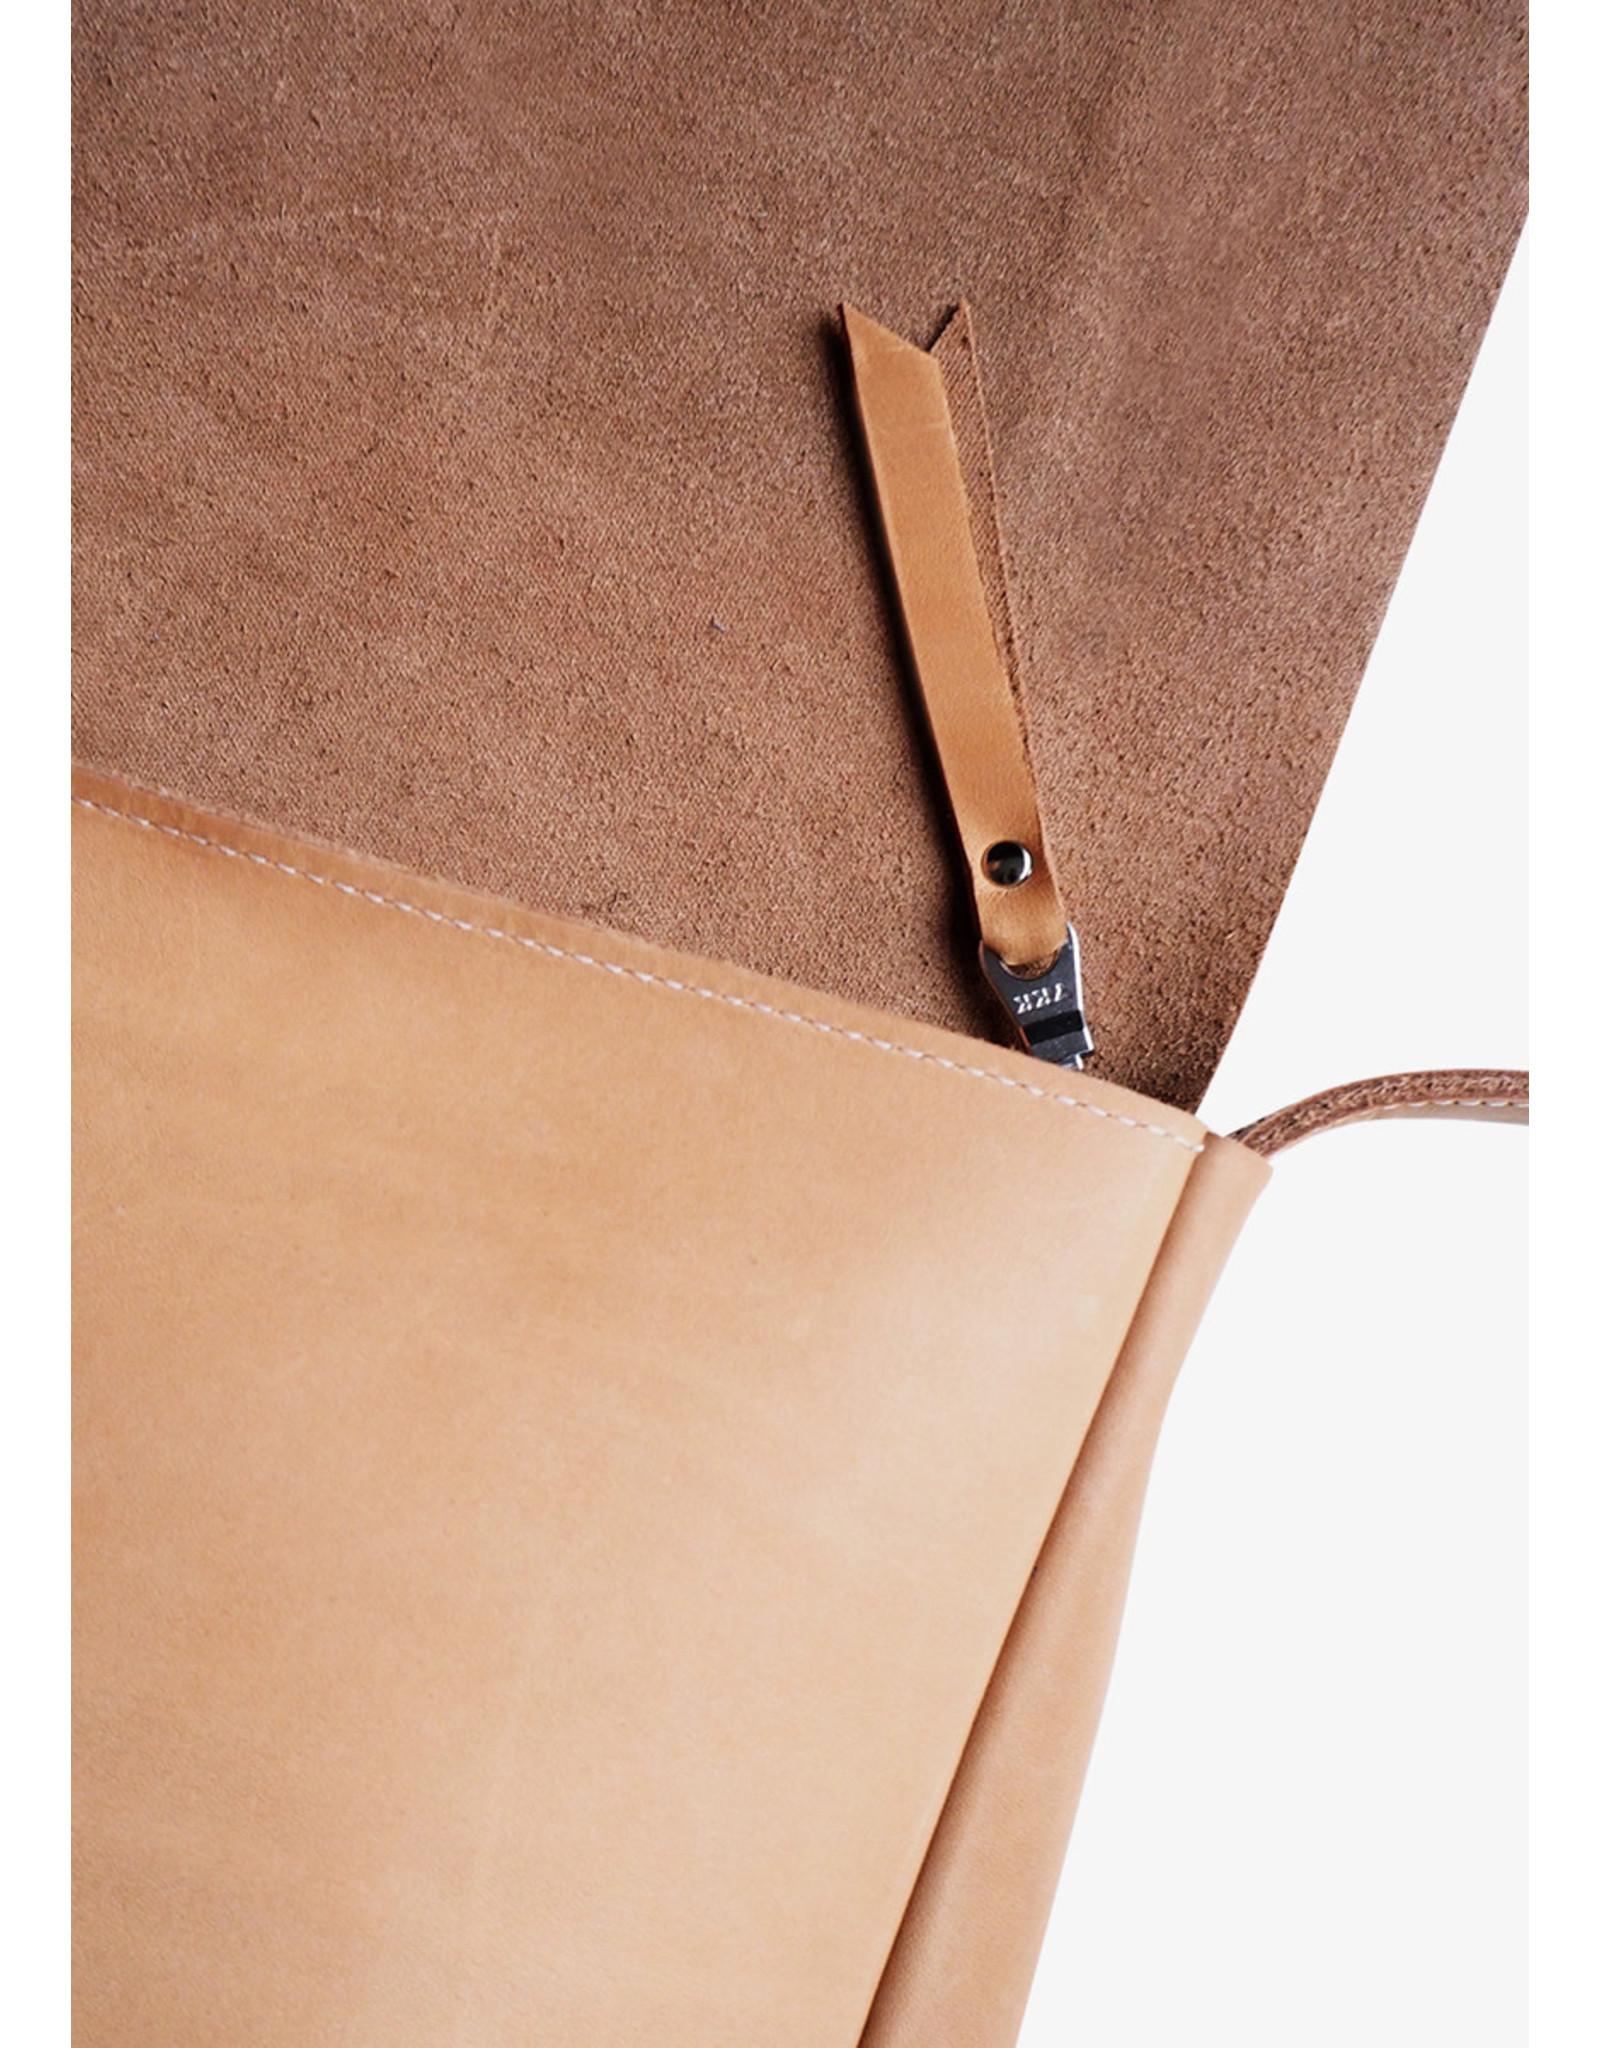 Puc City Trip | M | Cognac | 2 vakken / telefoonvak / verstelbare band sluiting: rits materiaal: rundleer // formaat: 28 x 21 x 8 cm